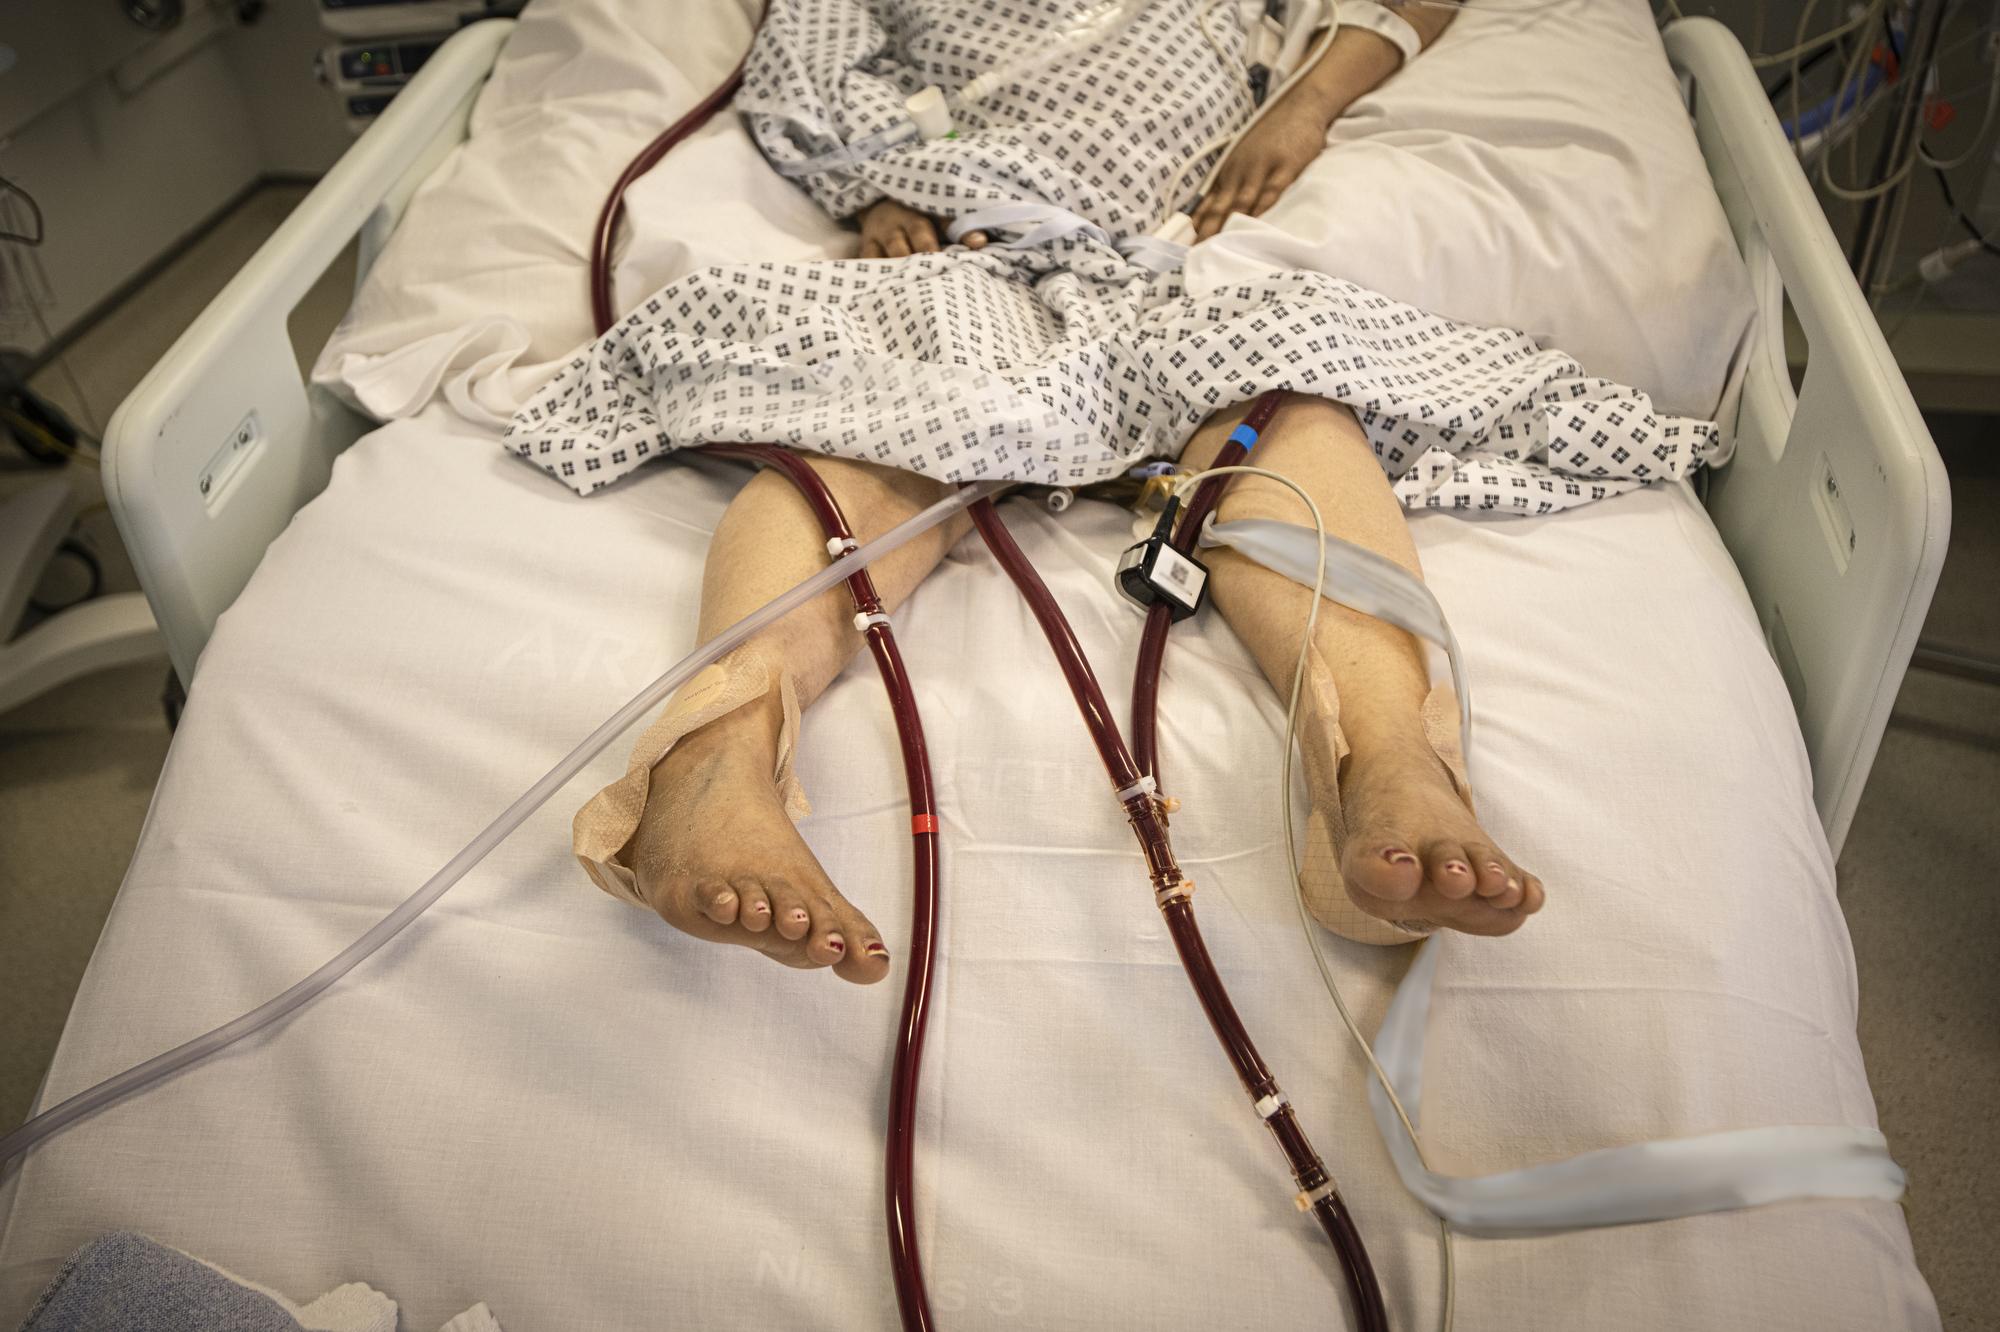 Covid 19 Intensive Care